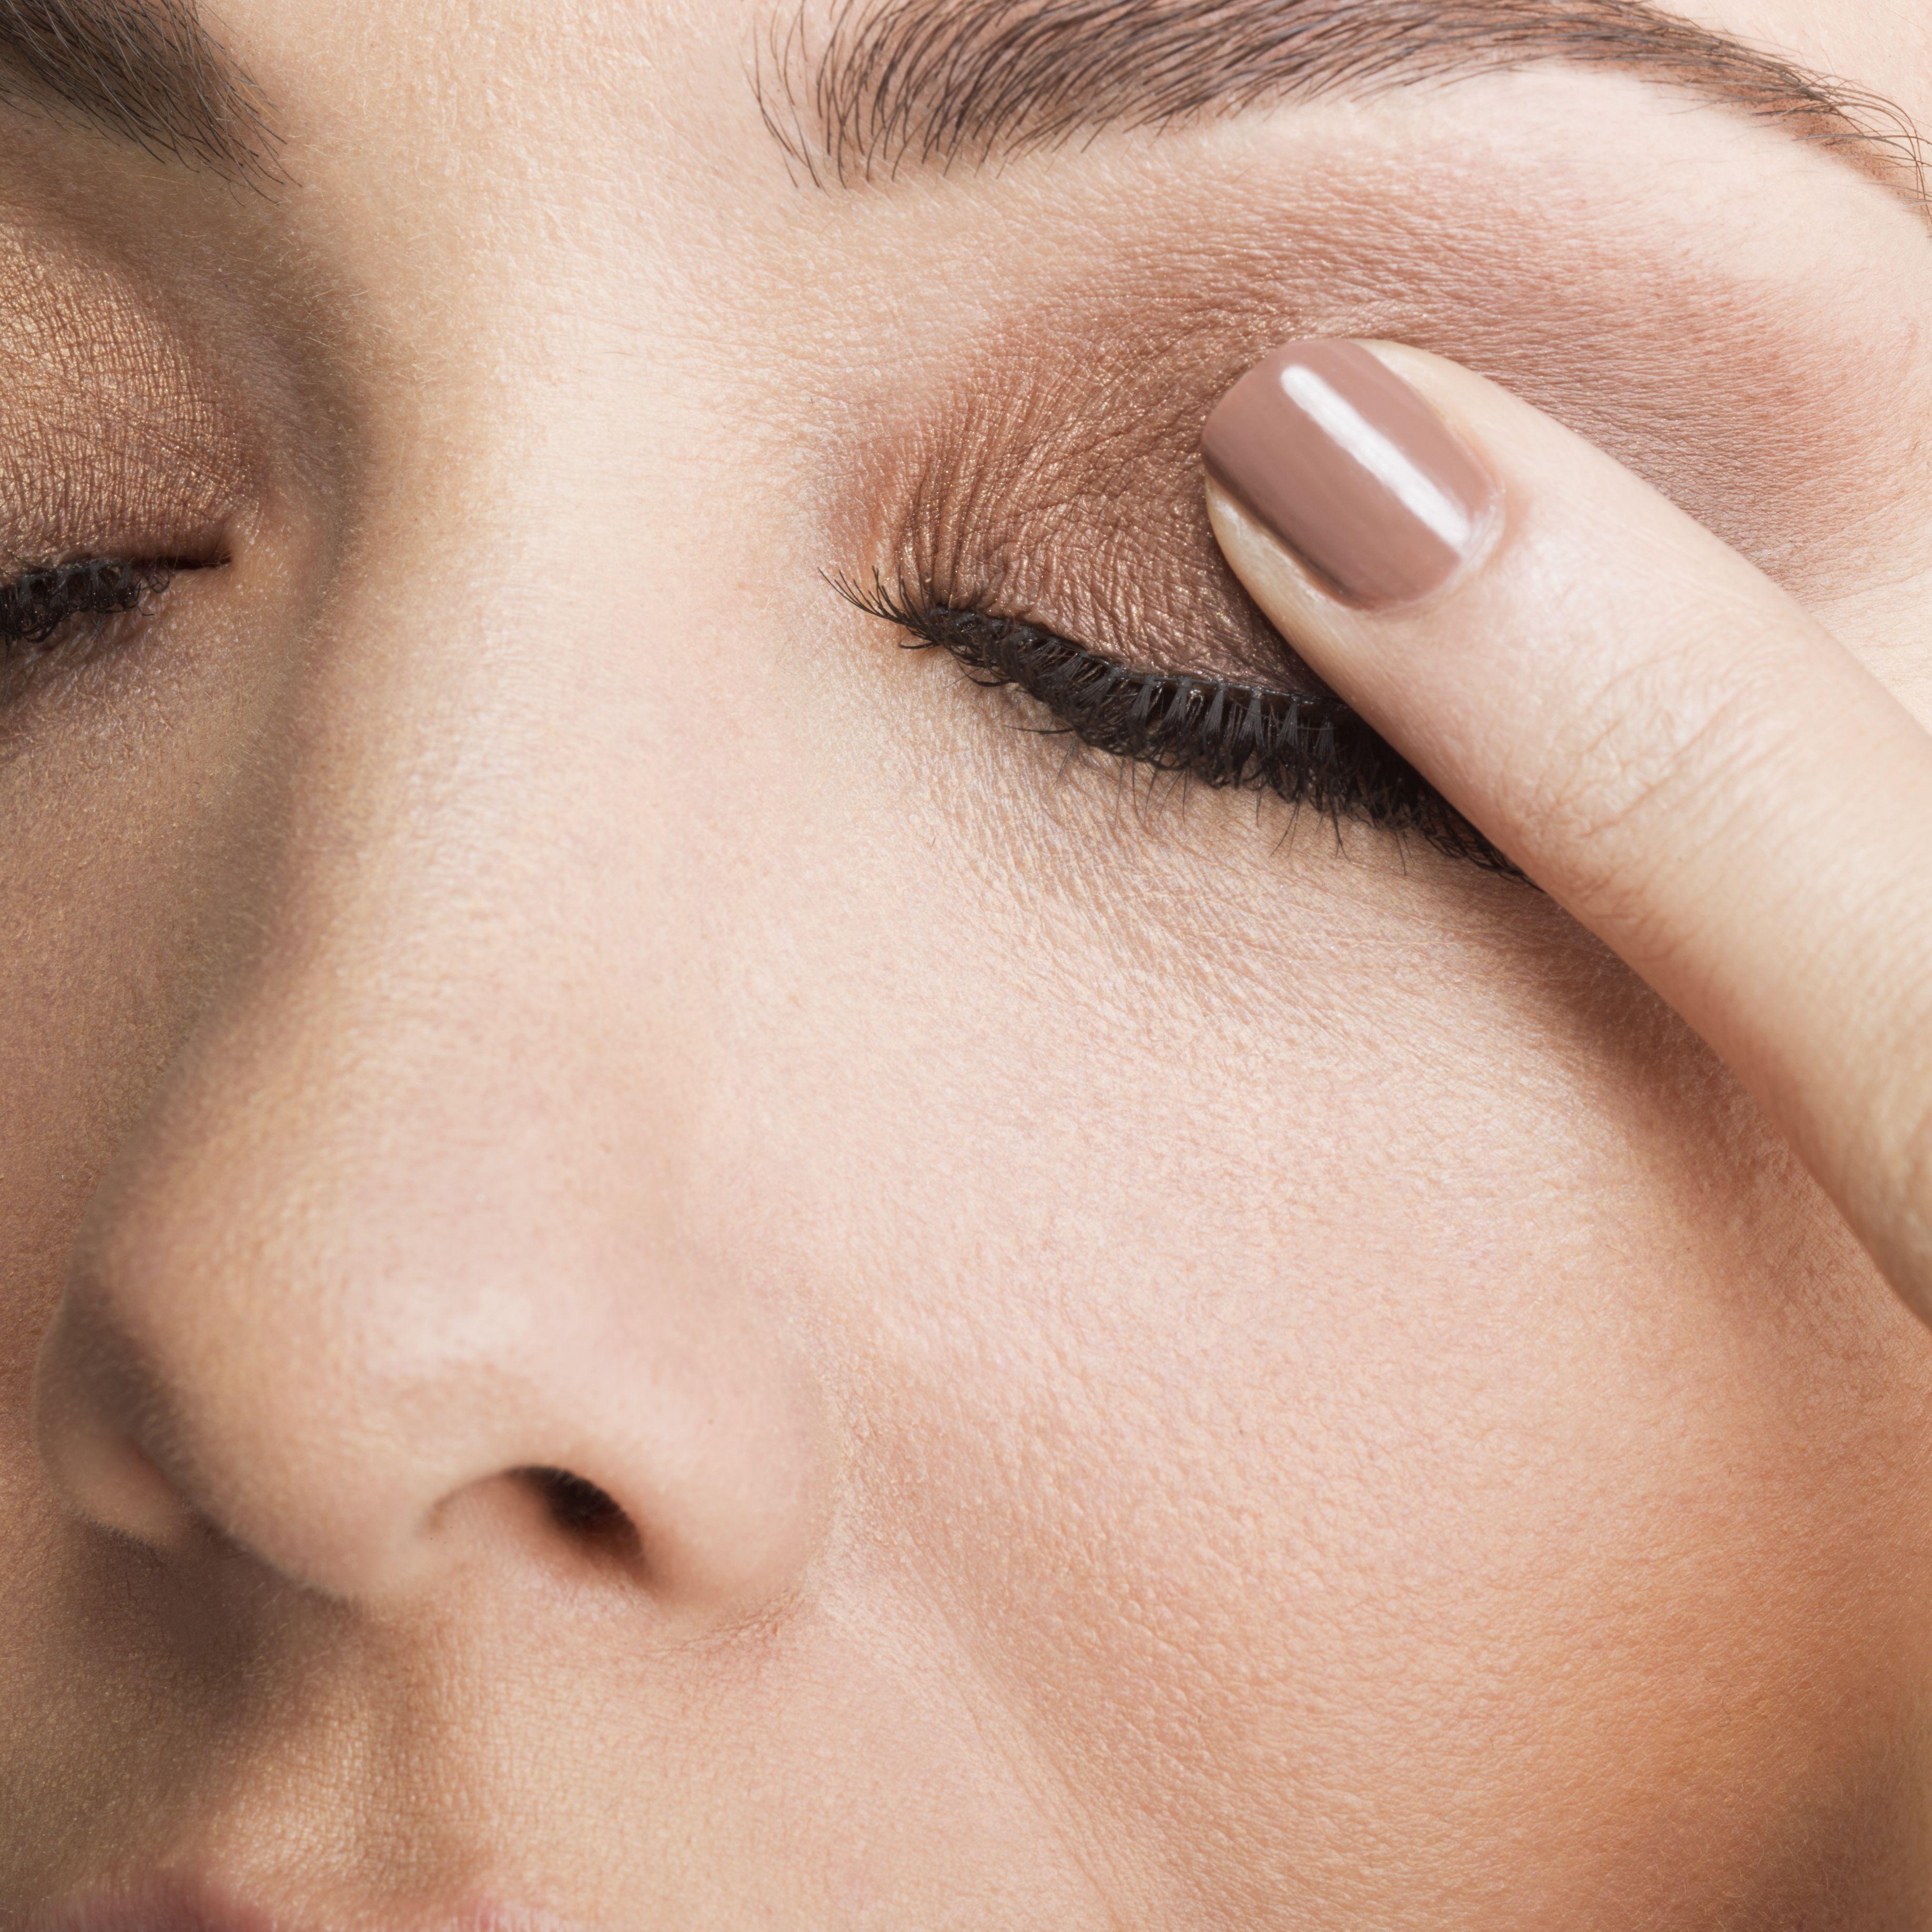 Granulated Eyelids - Blepharitis - Eyelid Inflammation